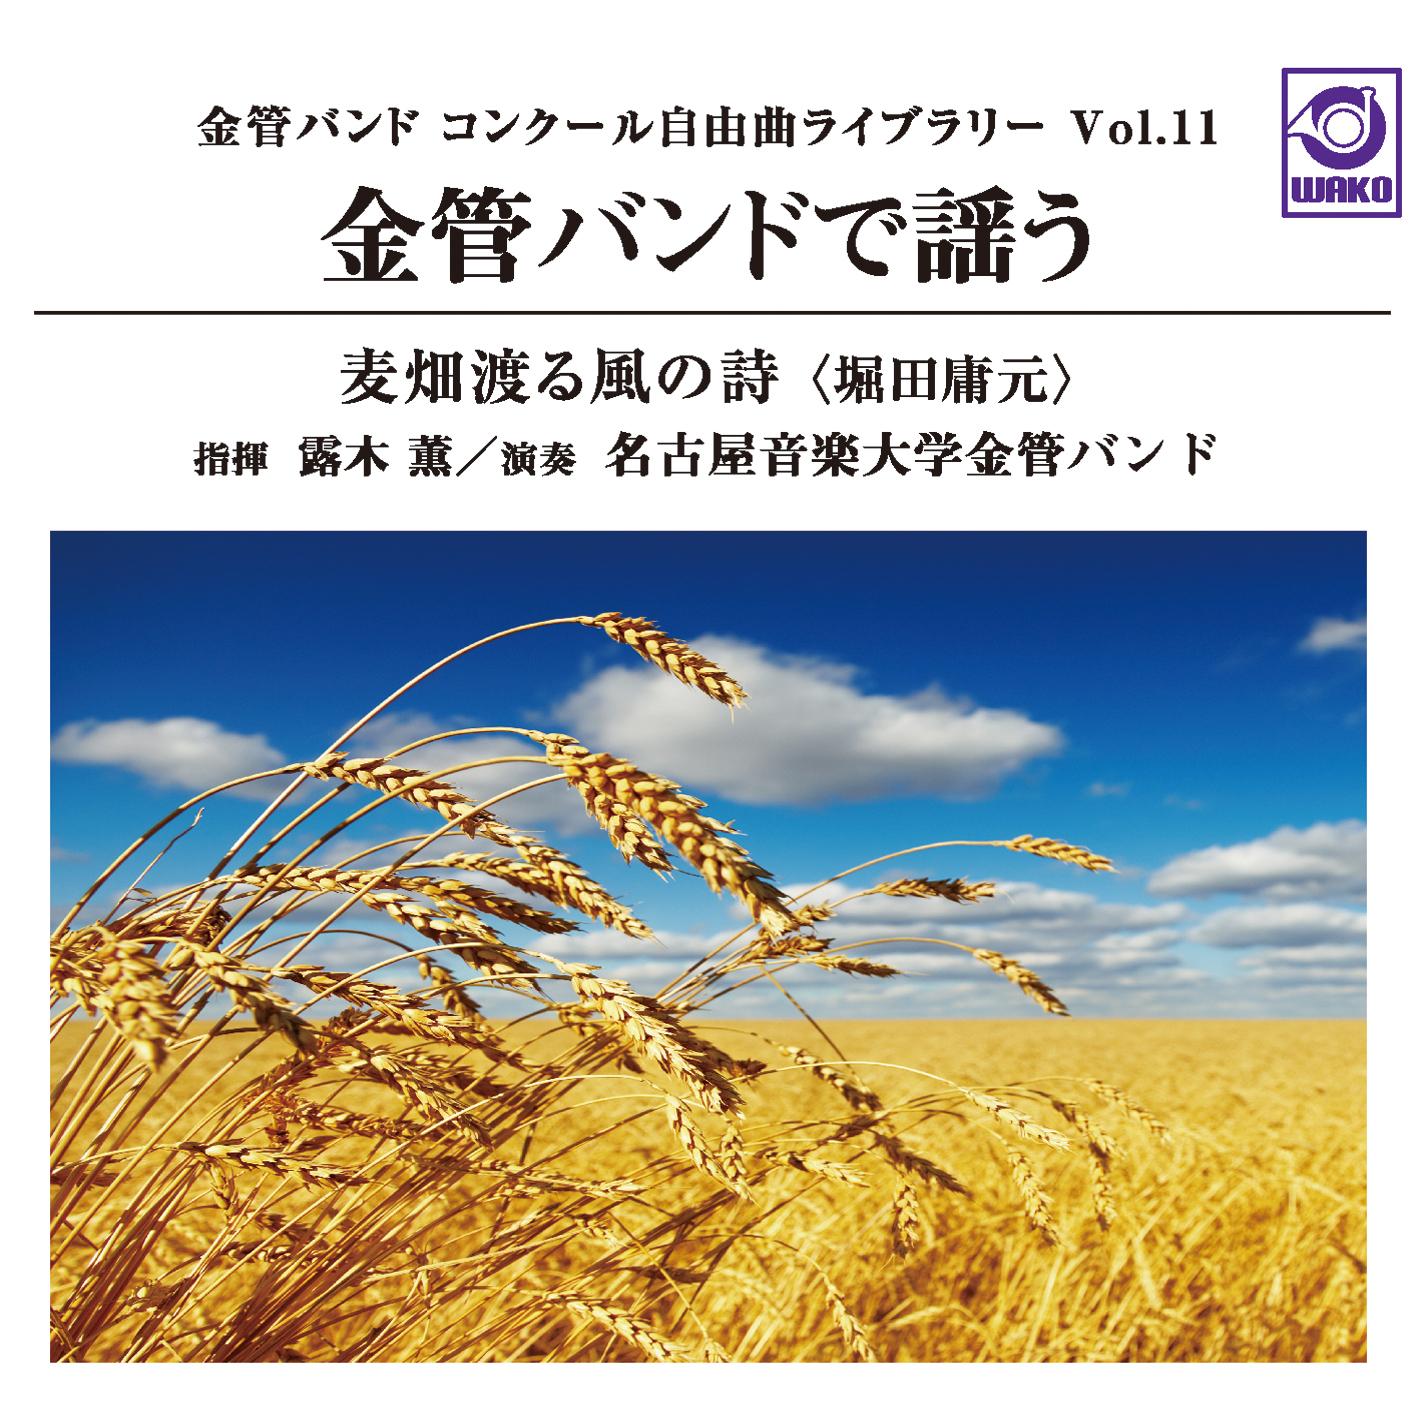 金管バンド コンクール自由曲ライブラリー Vol.11 金管バンドで謡う『麦畑渡る風の詩』(WKCD-0122)